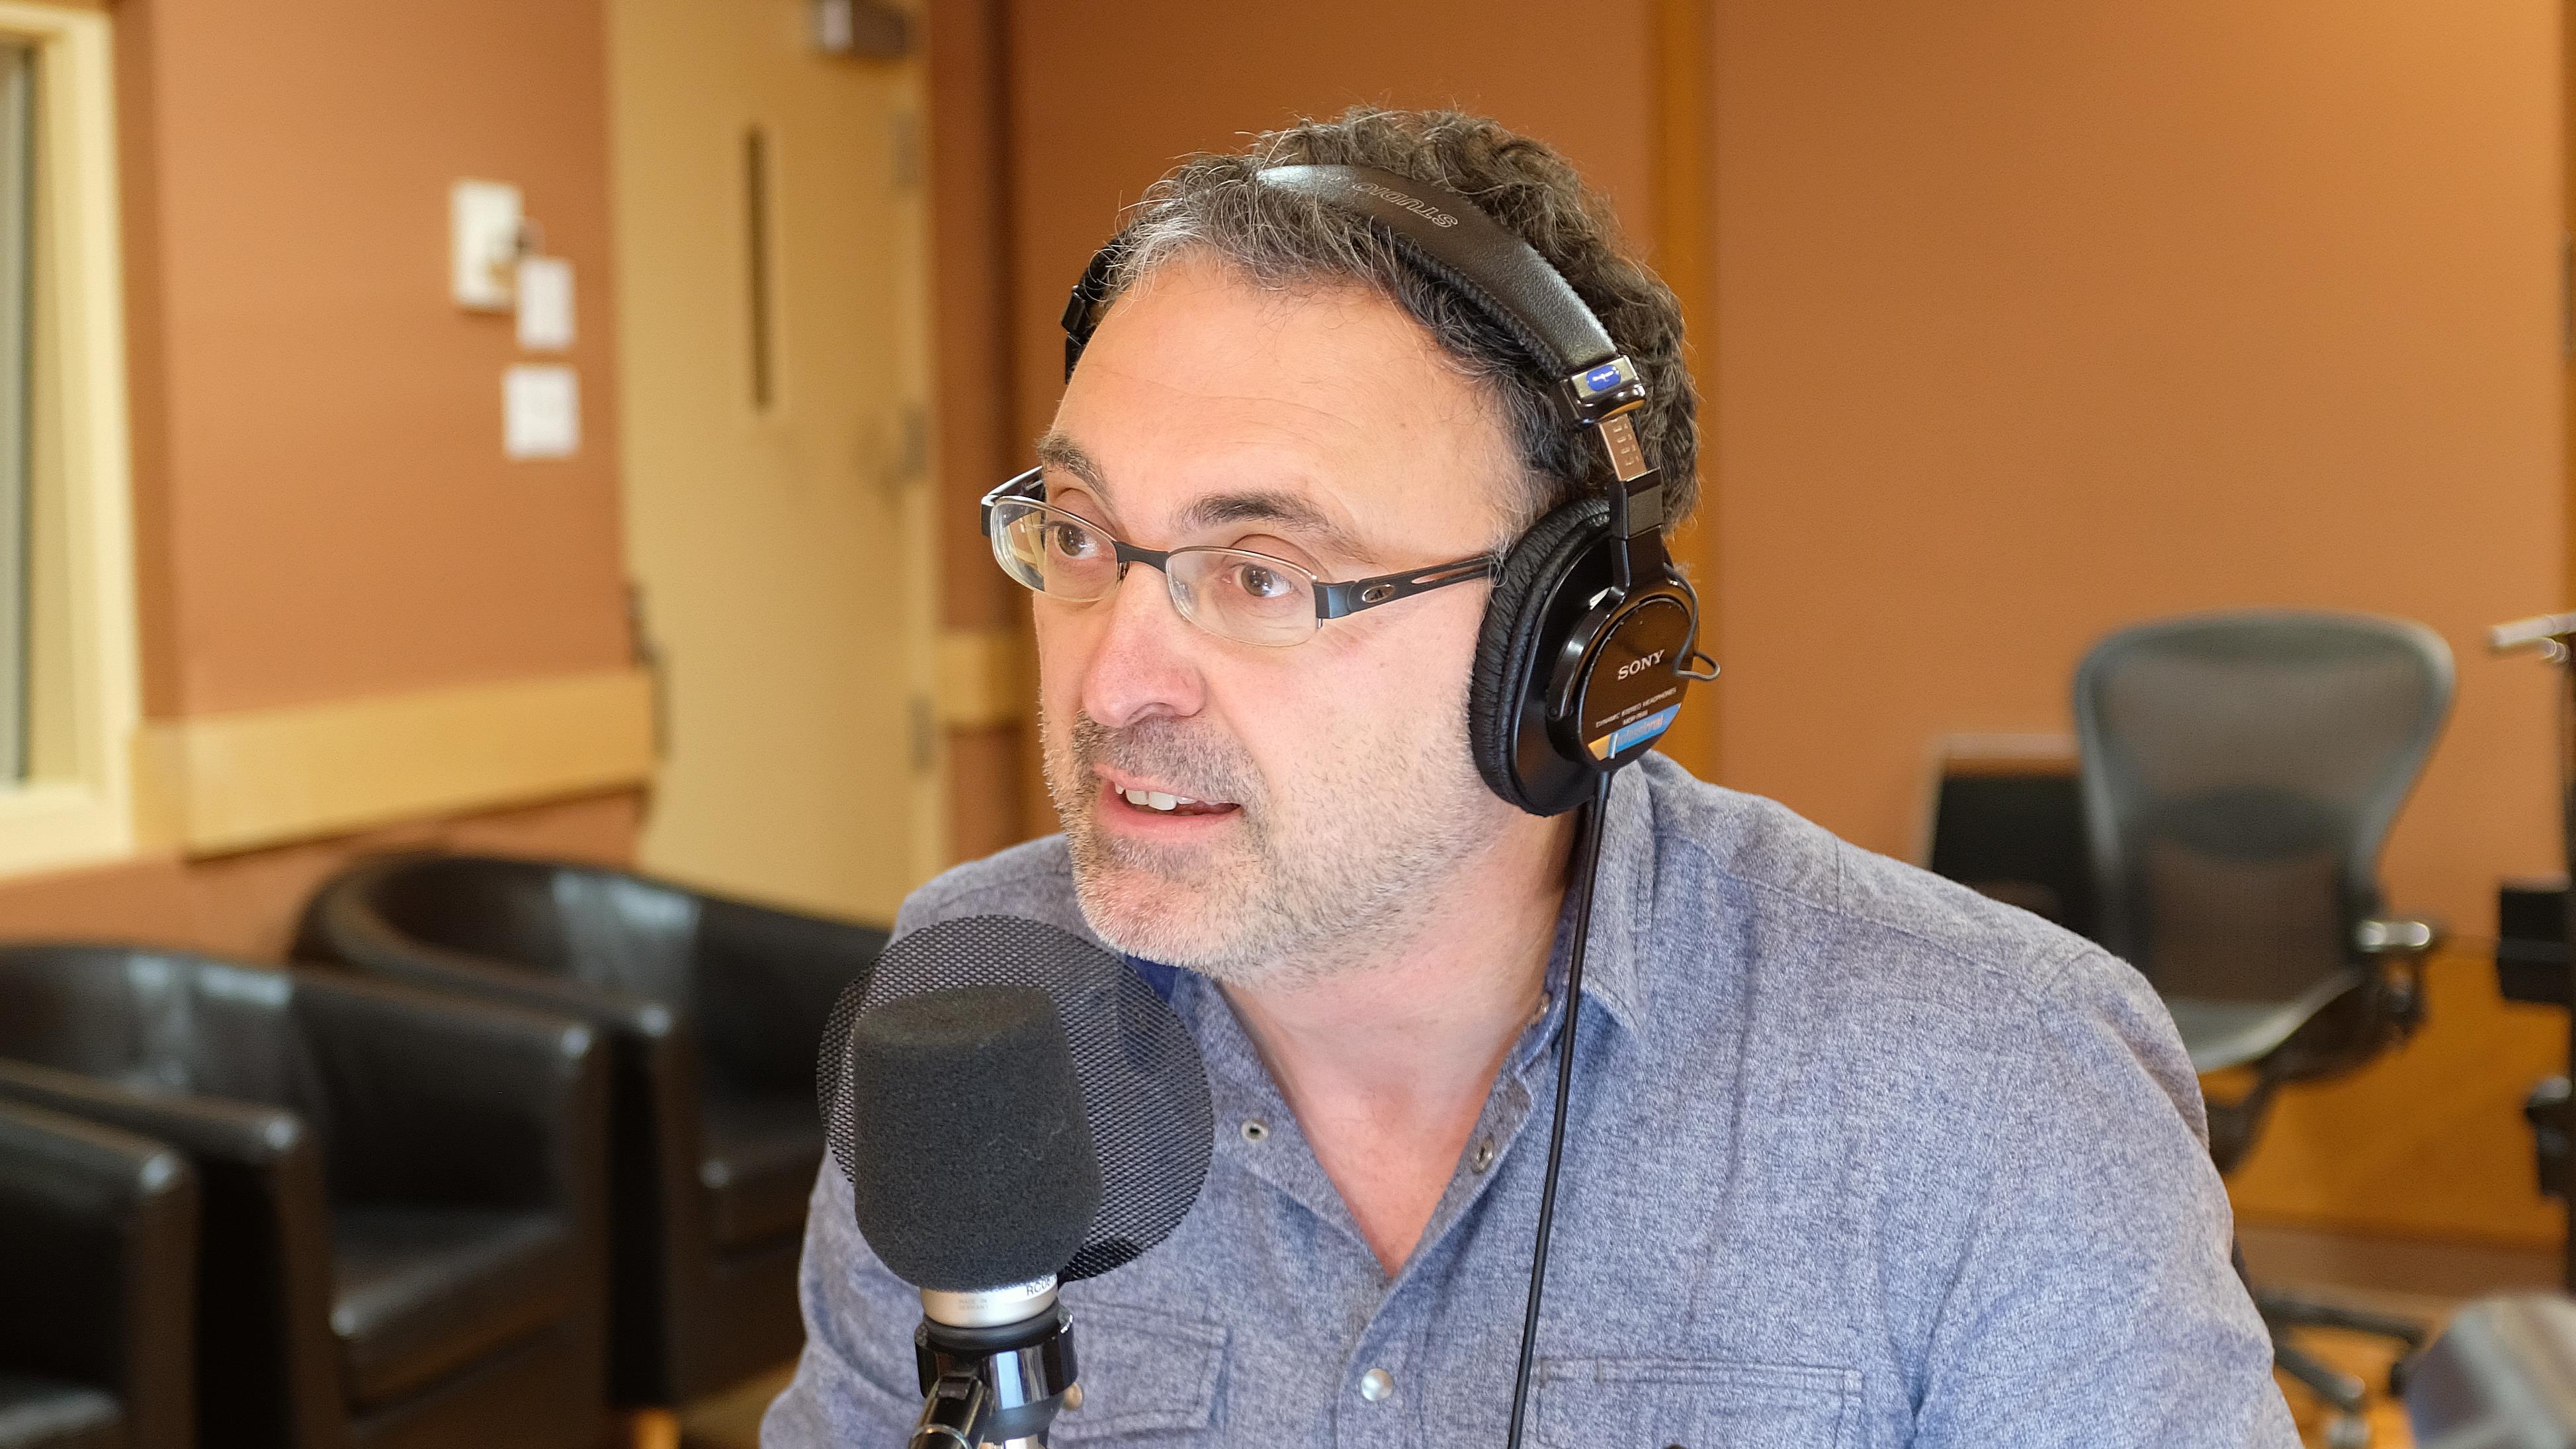 Le journaliste sportif Jean-François Poirier en remplacement de Guy Bois en ce samedi 15 juin